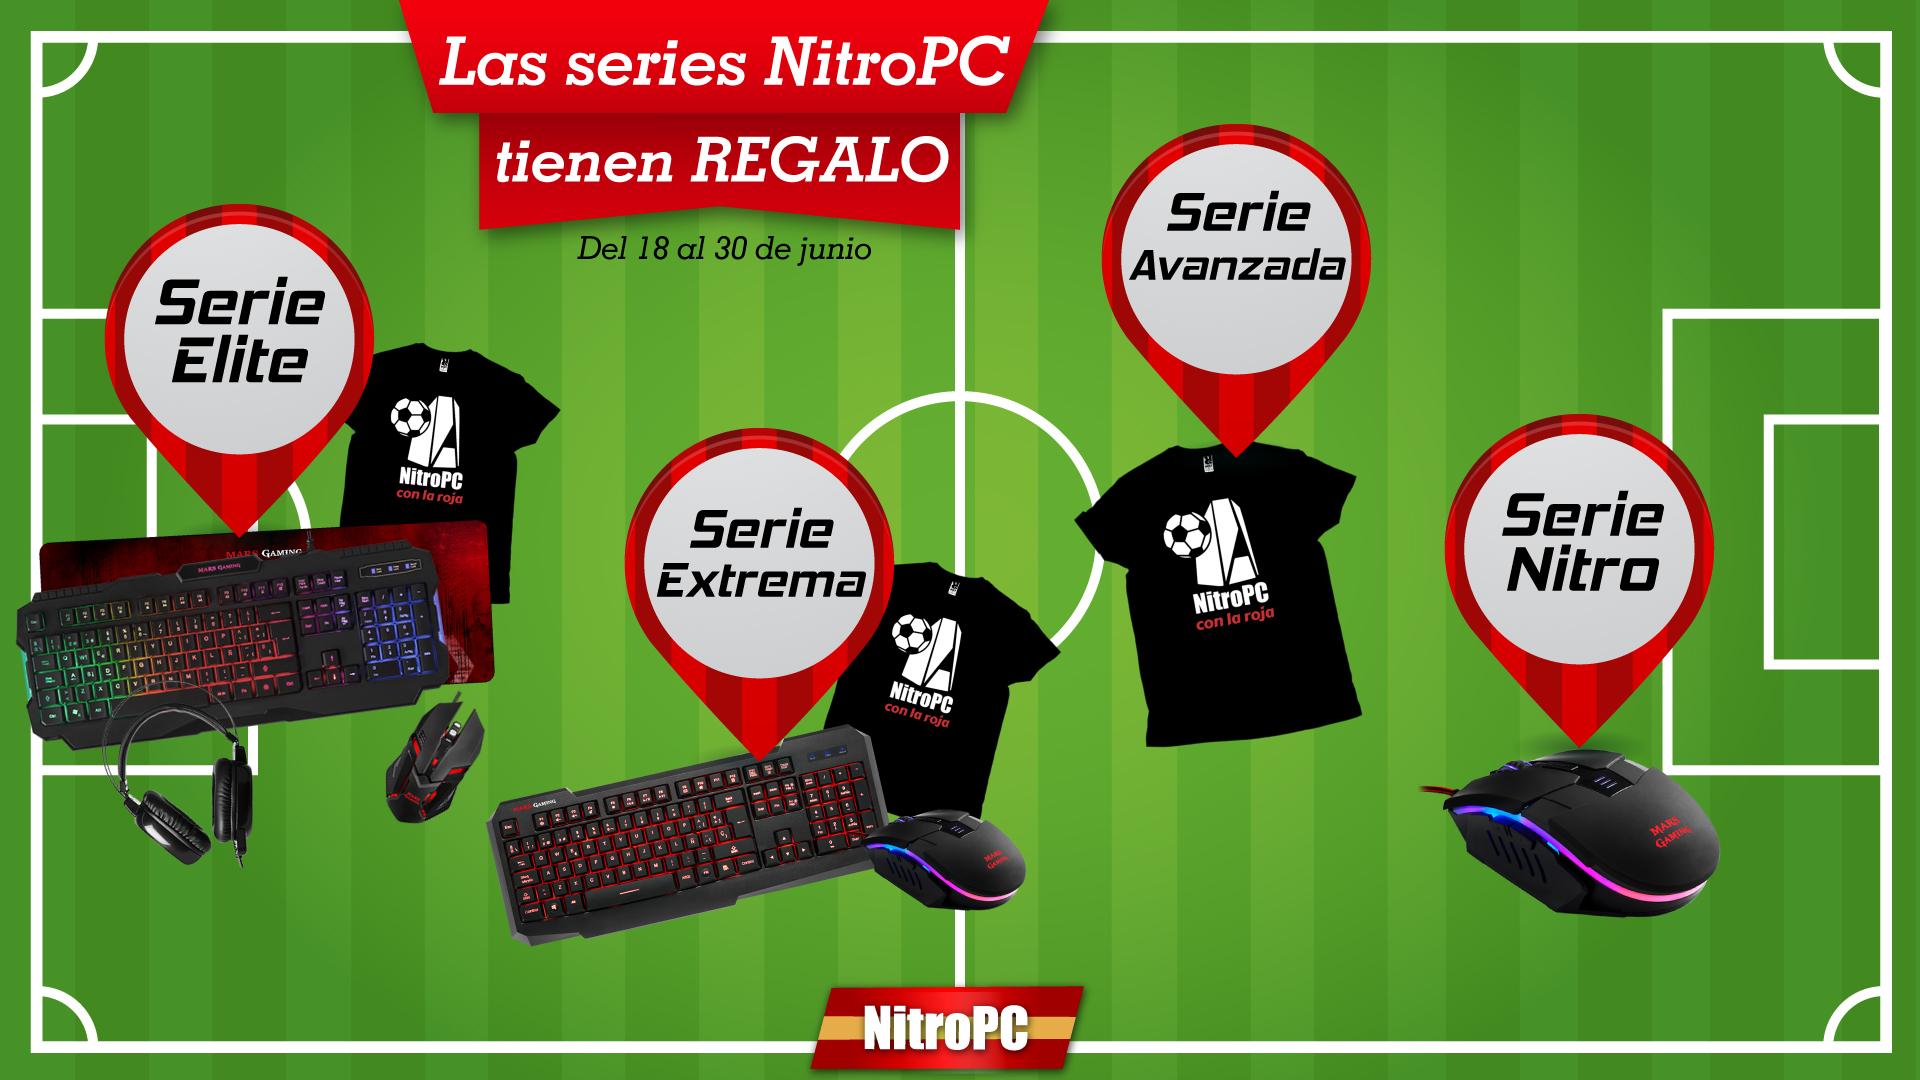 Regalos de NitroPC